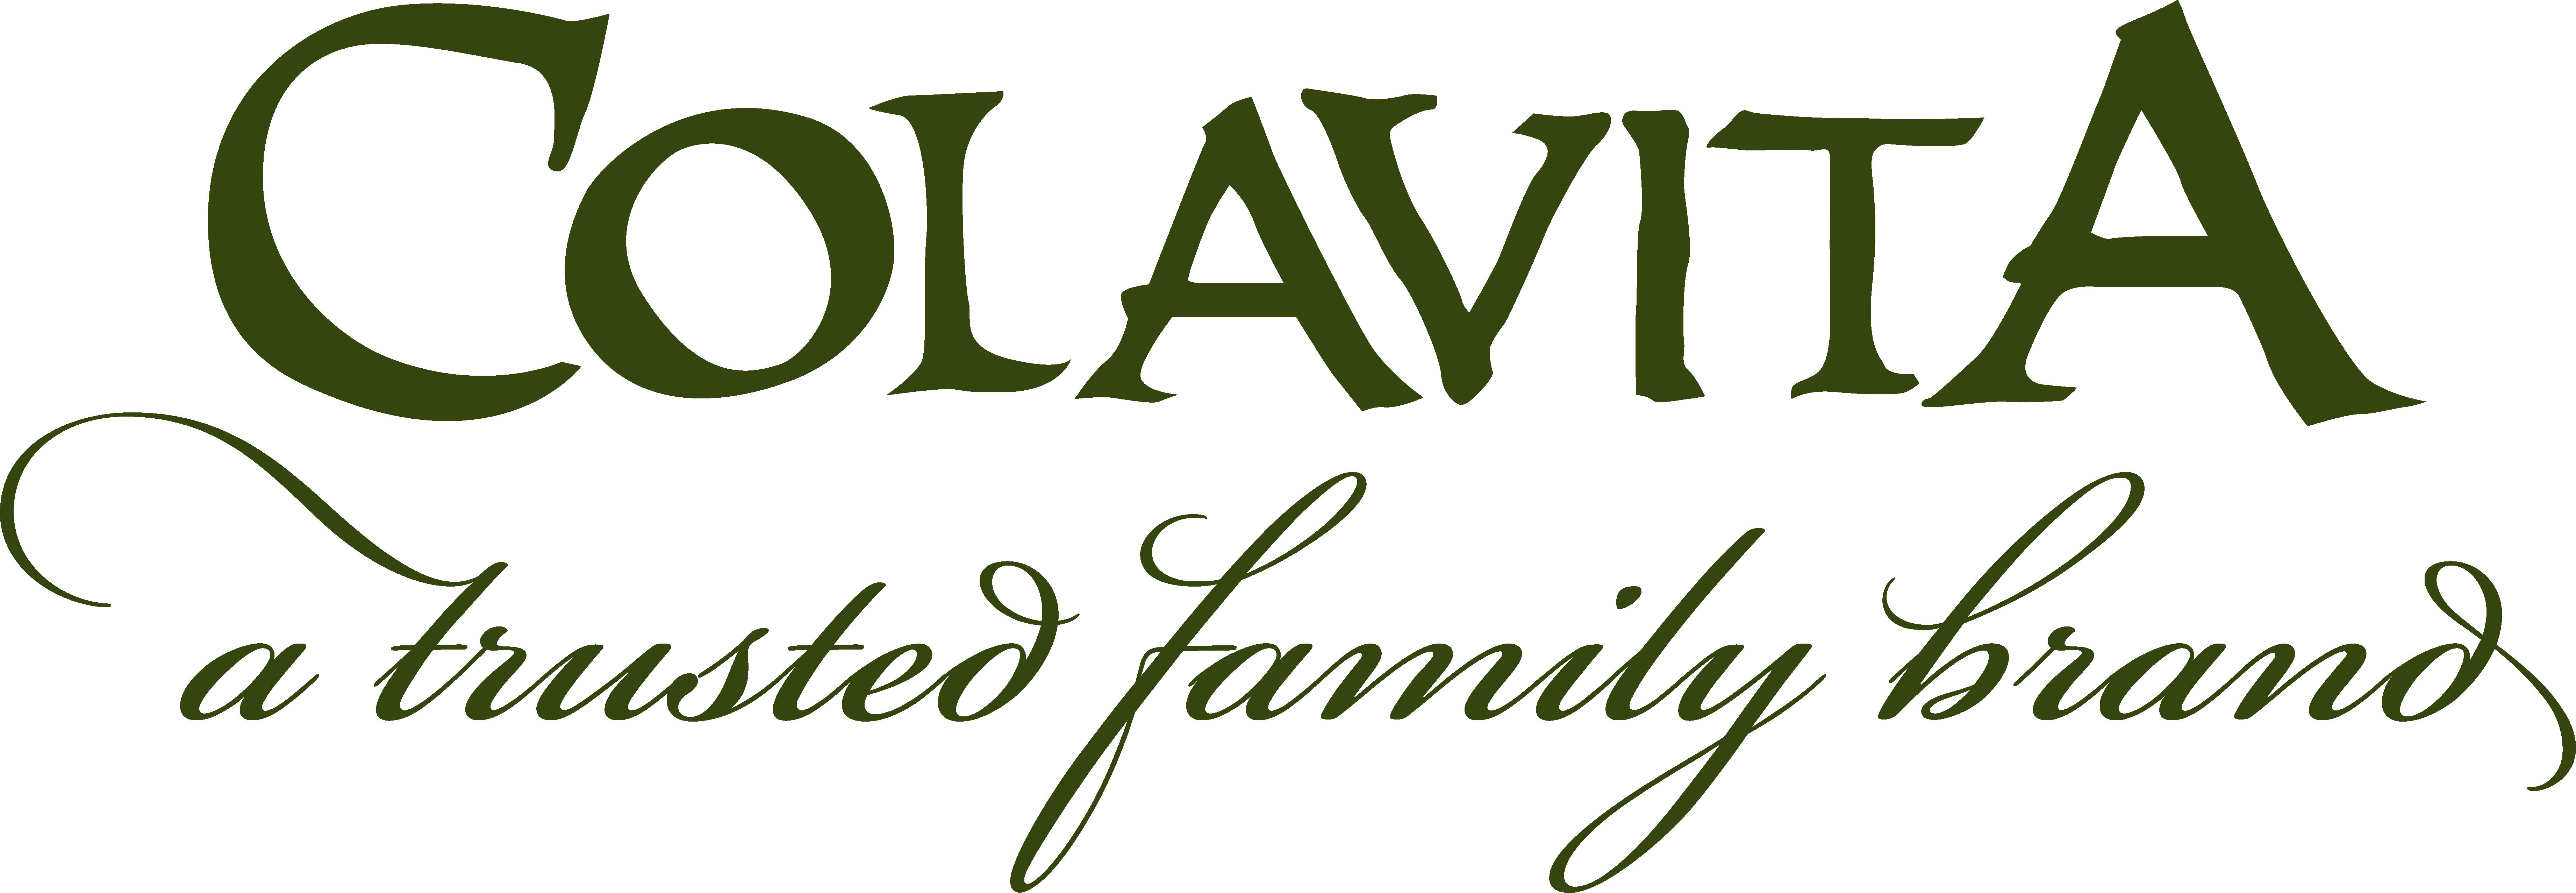 Colavita_Logo_Original.original.png